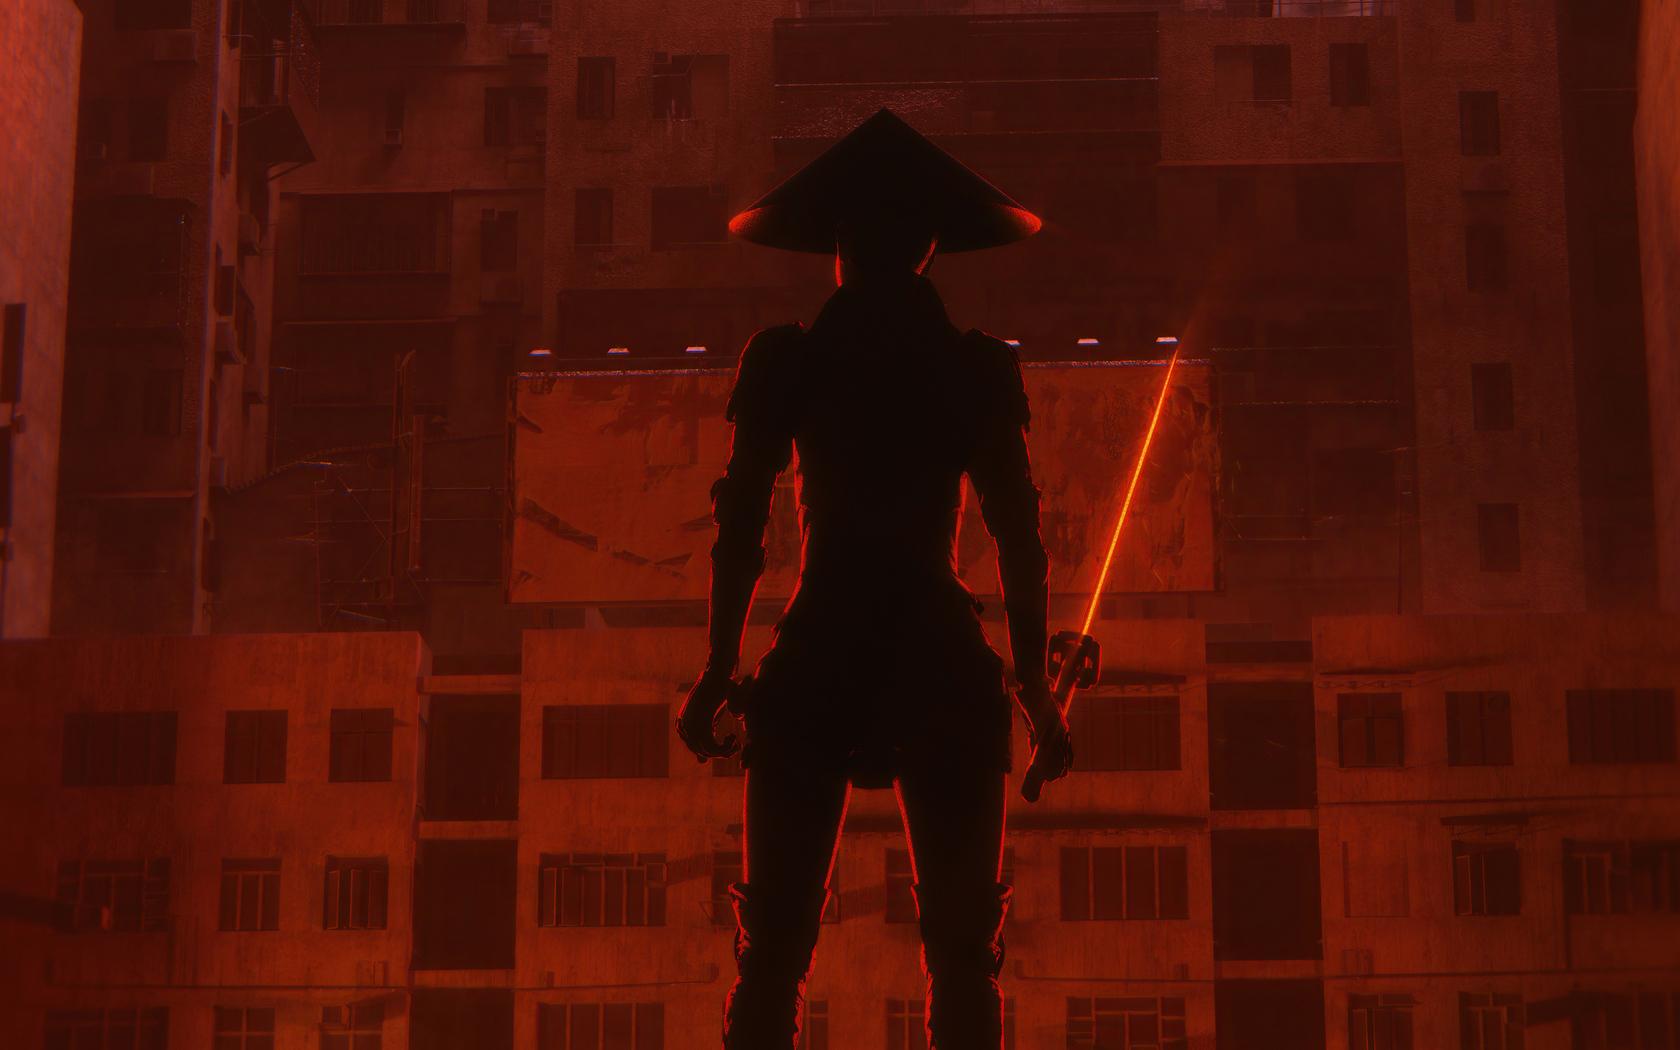 red-ninja-day-sword-4k-83.jpg